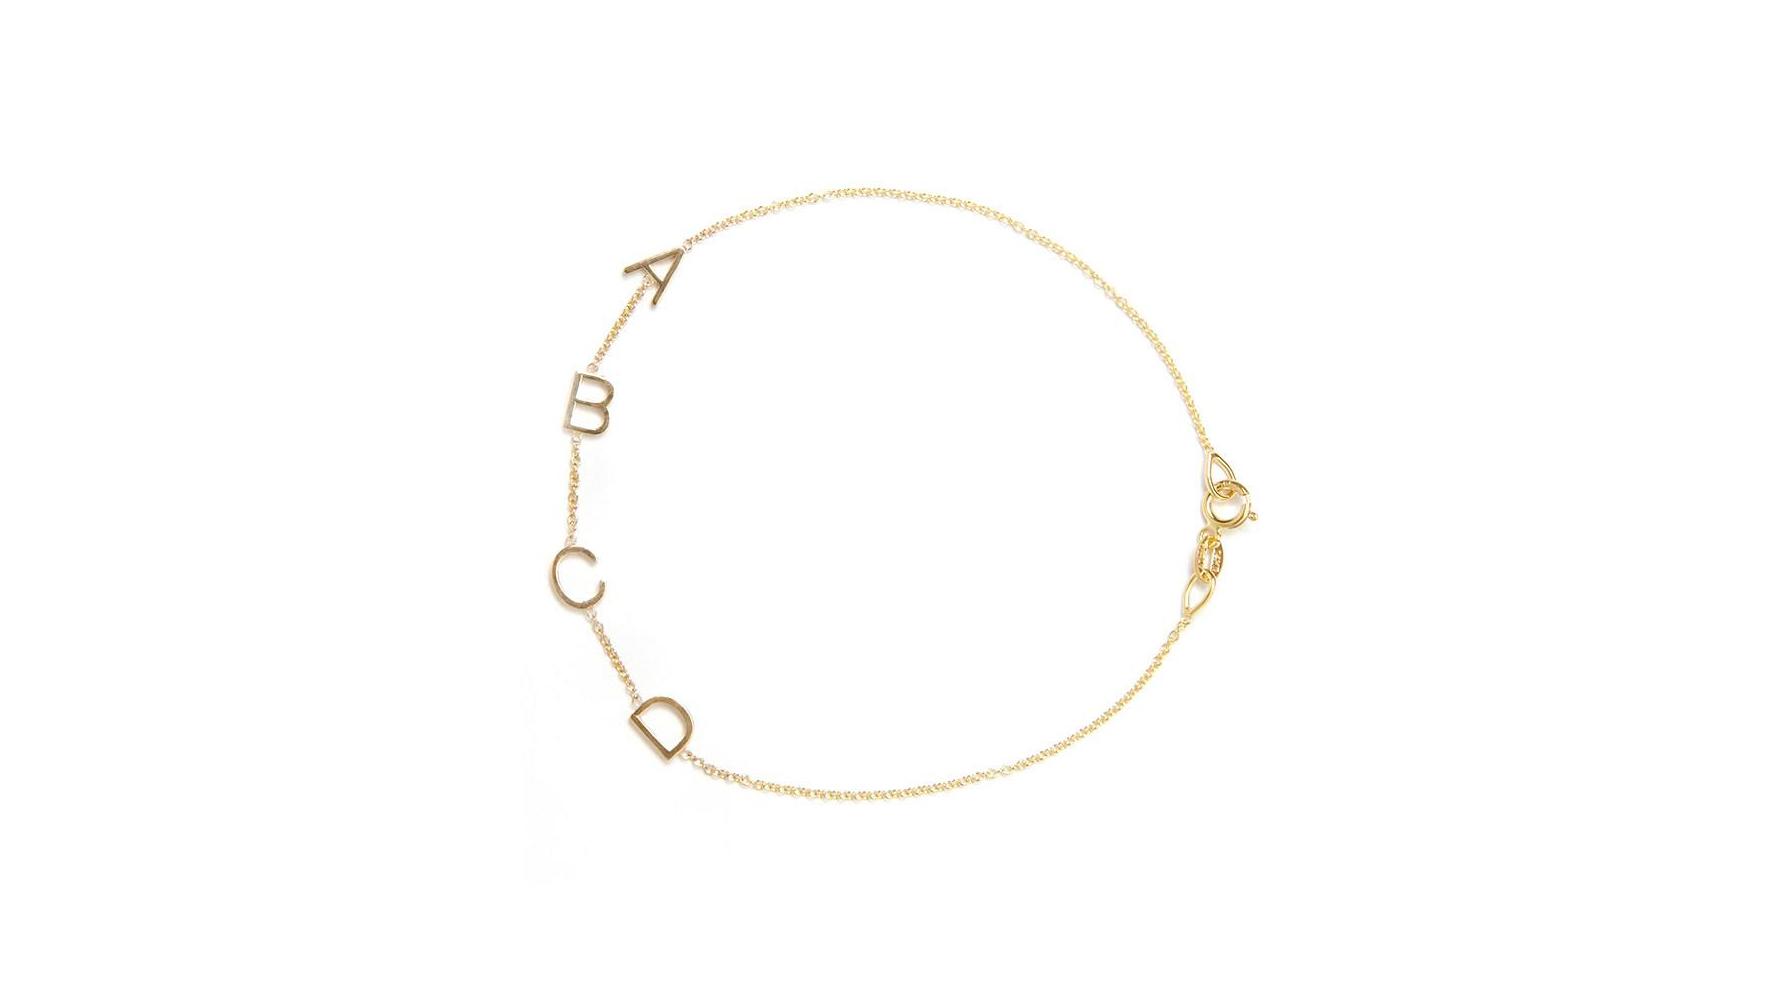 Maya Brenner Charm Bracelet